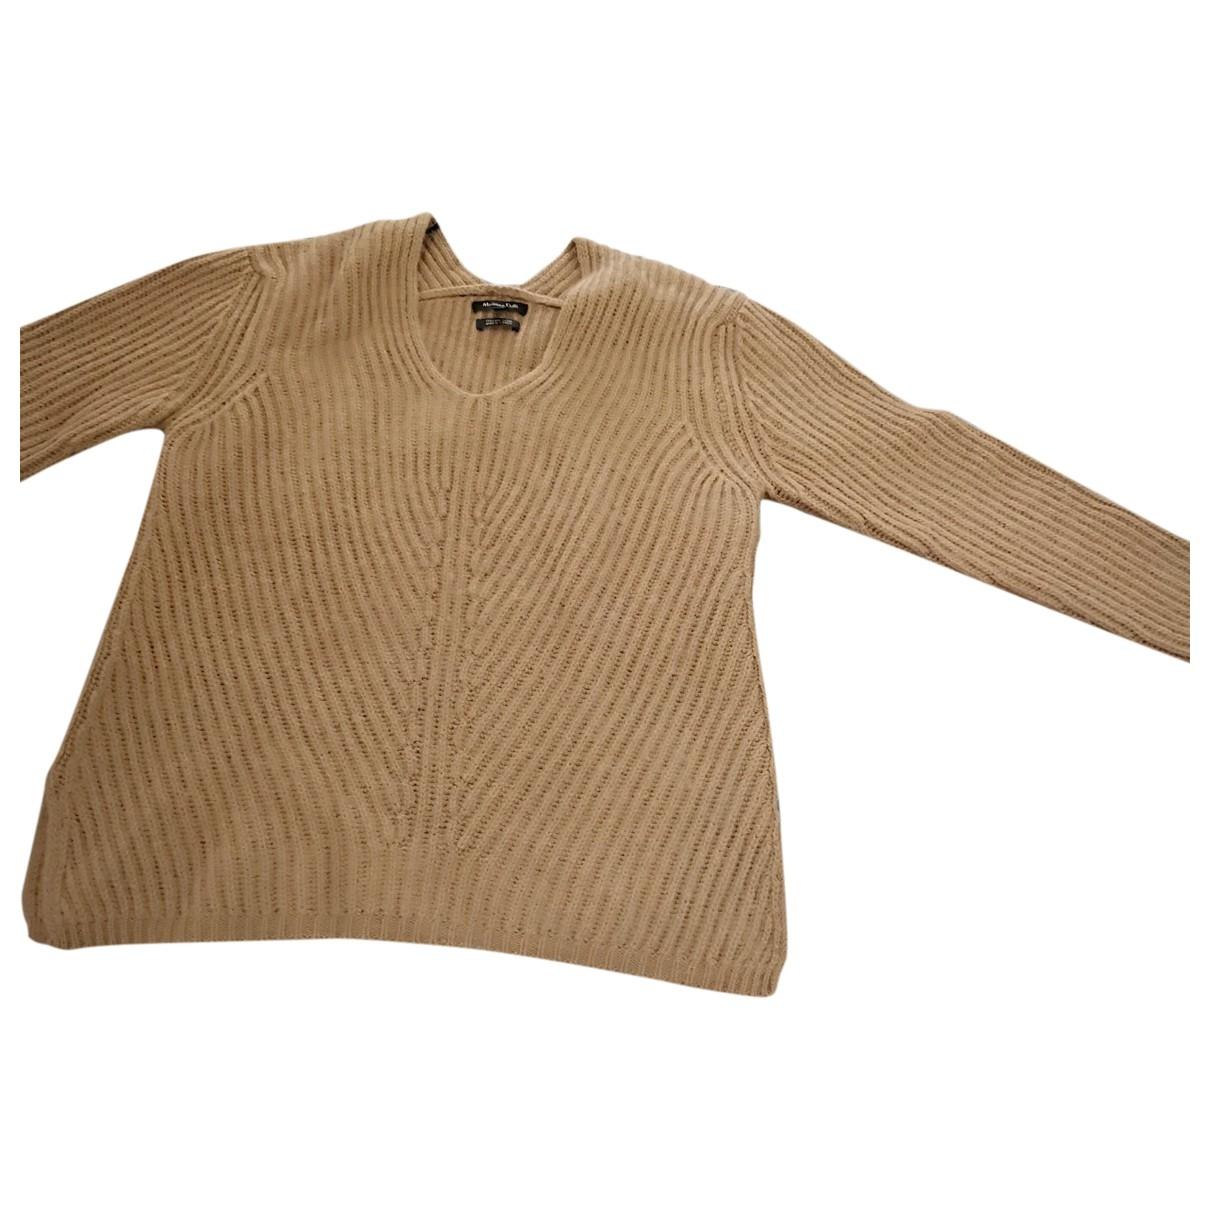 Massimo Dutti \N Top in  Braun Wolle